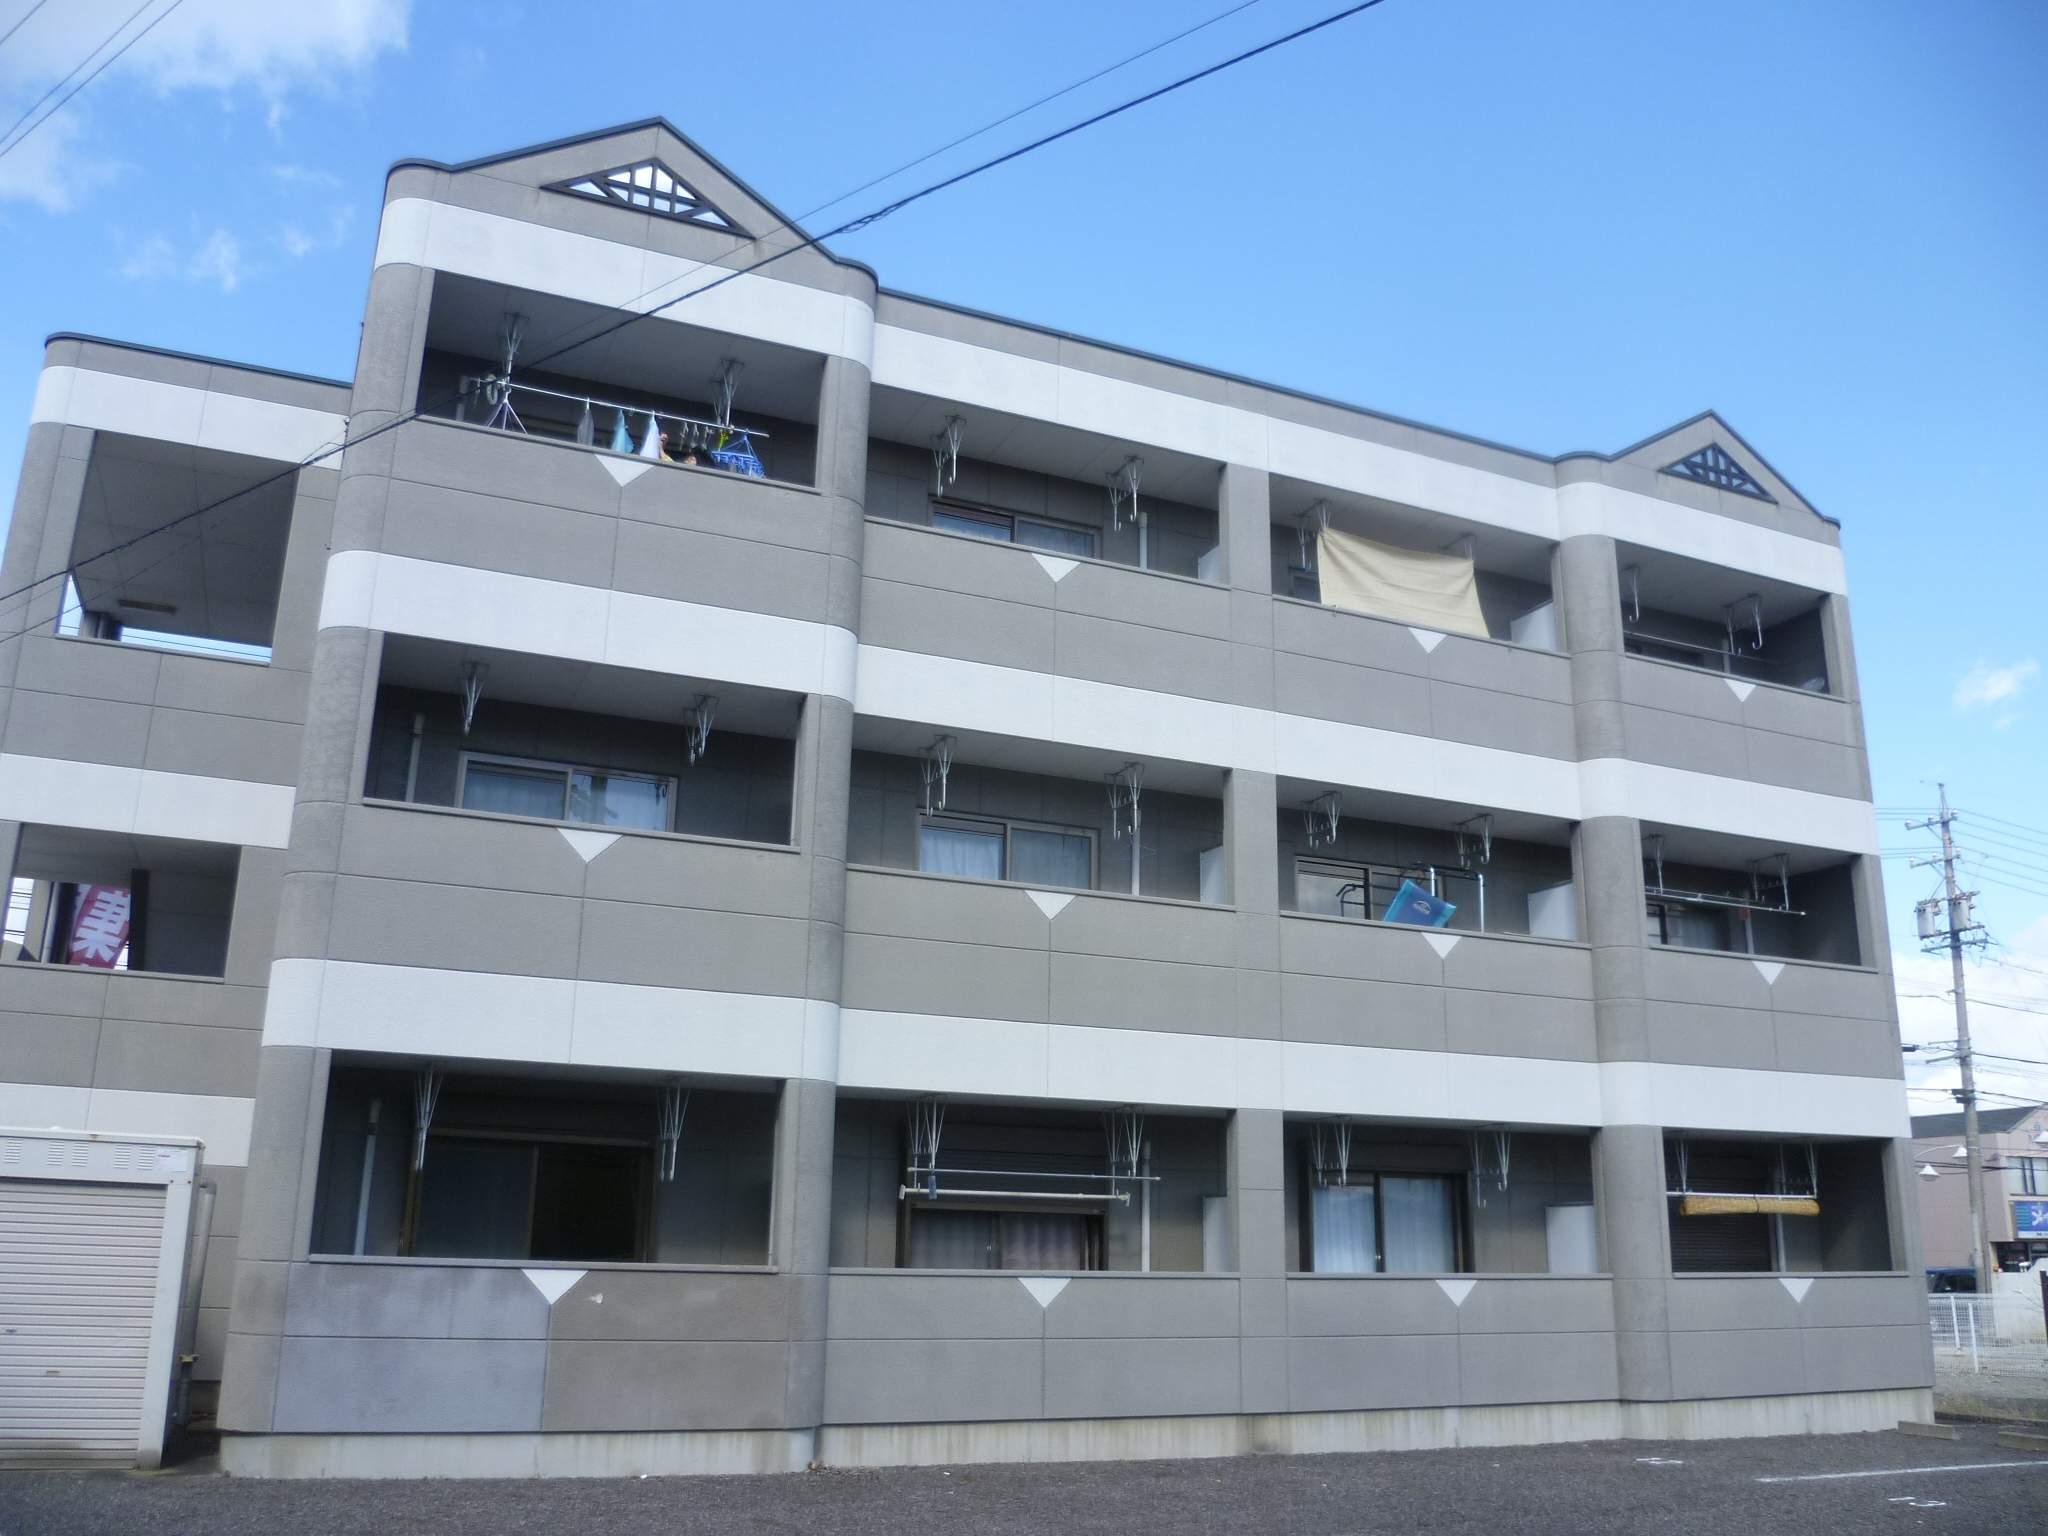 愛知県犬山市、木津用水駅徒歩12分の築19年 3階建の賃貸マンション